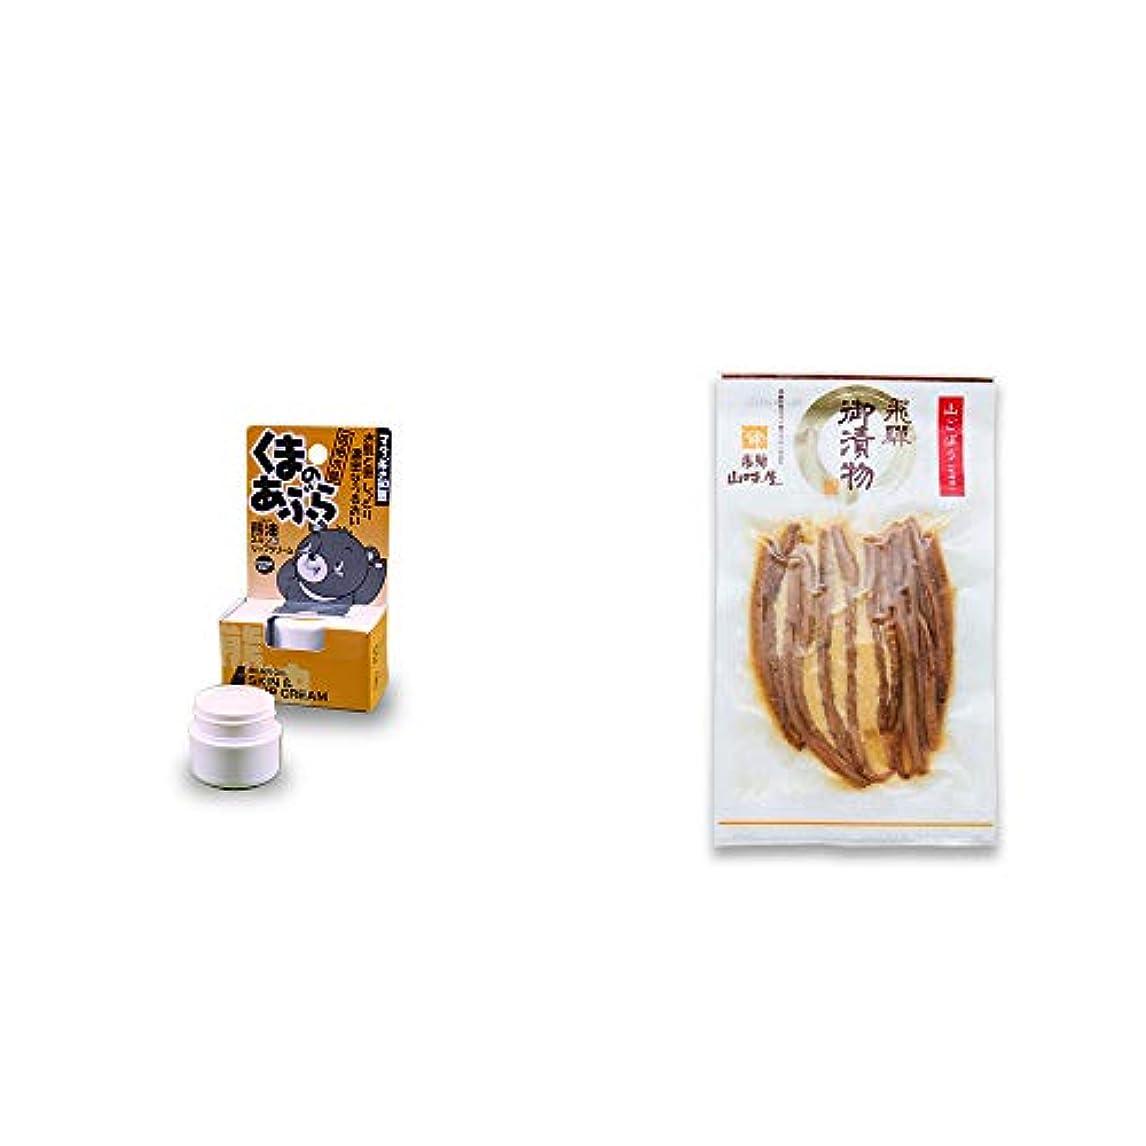 コーヒー月面ベッドを作る[2点セット] 信州木曽 くまのあぶら 熊油スキン&リップクリーム(9g)?飛騨山味屋 山ごぼう味噌漬(80g)